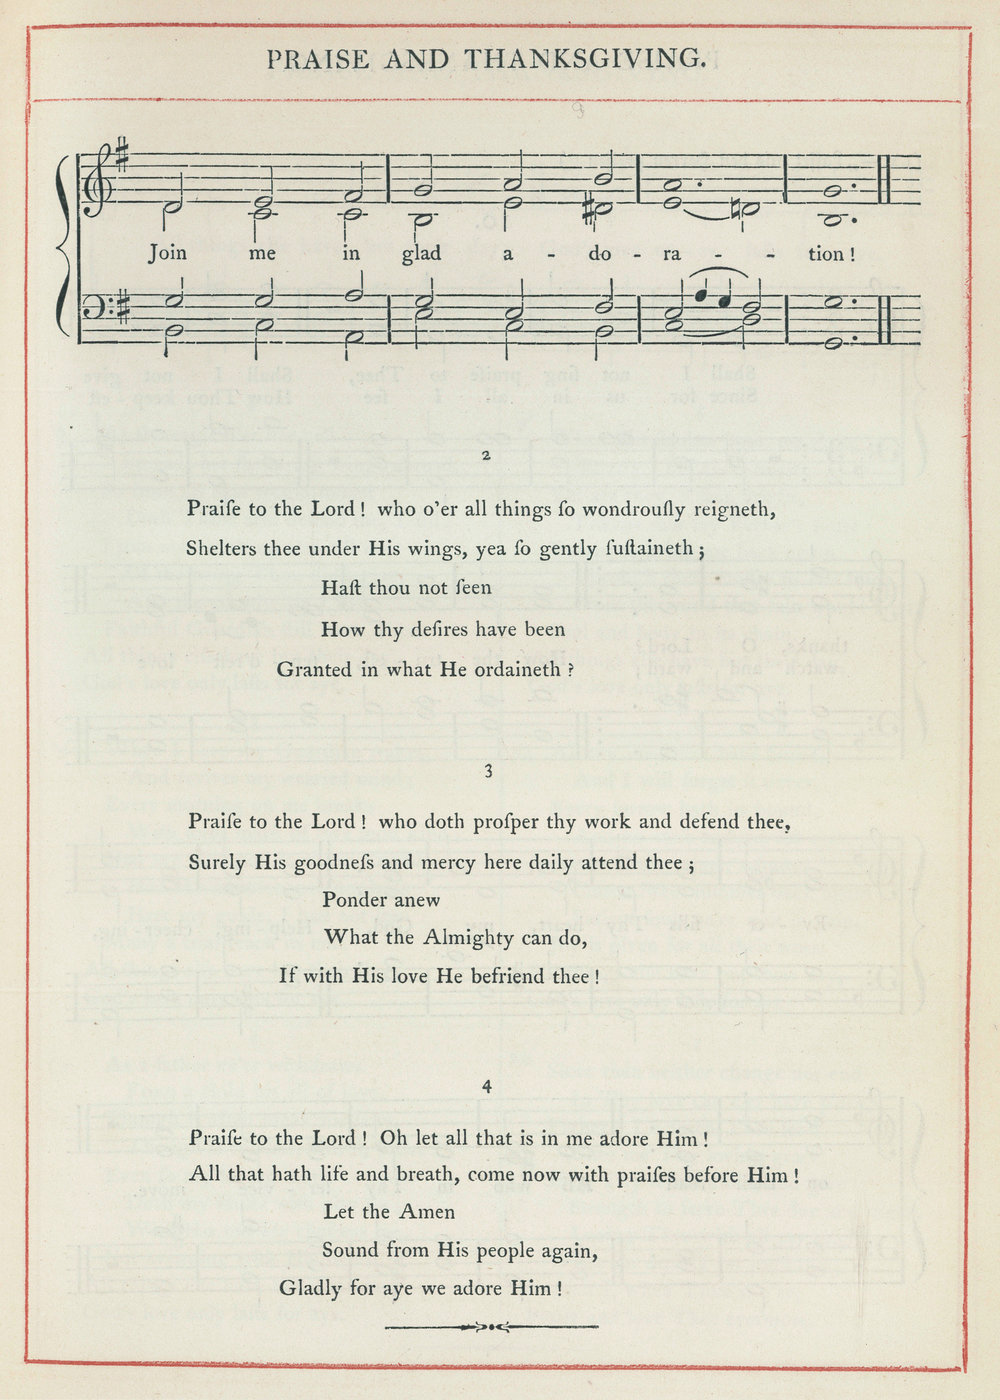 PraisetotheLord-ChoraleBook1865_002.jpg